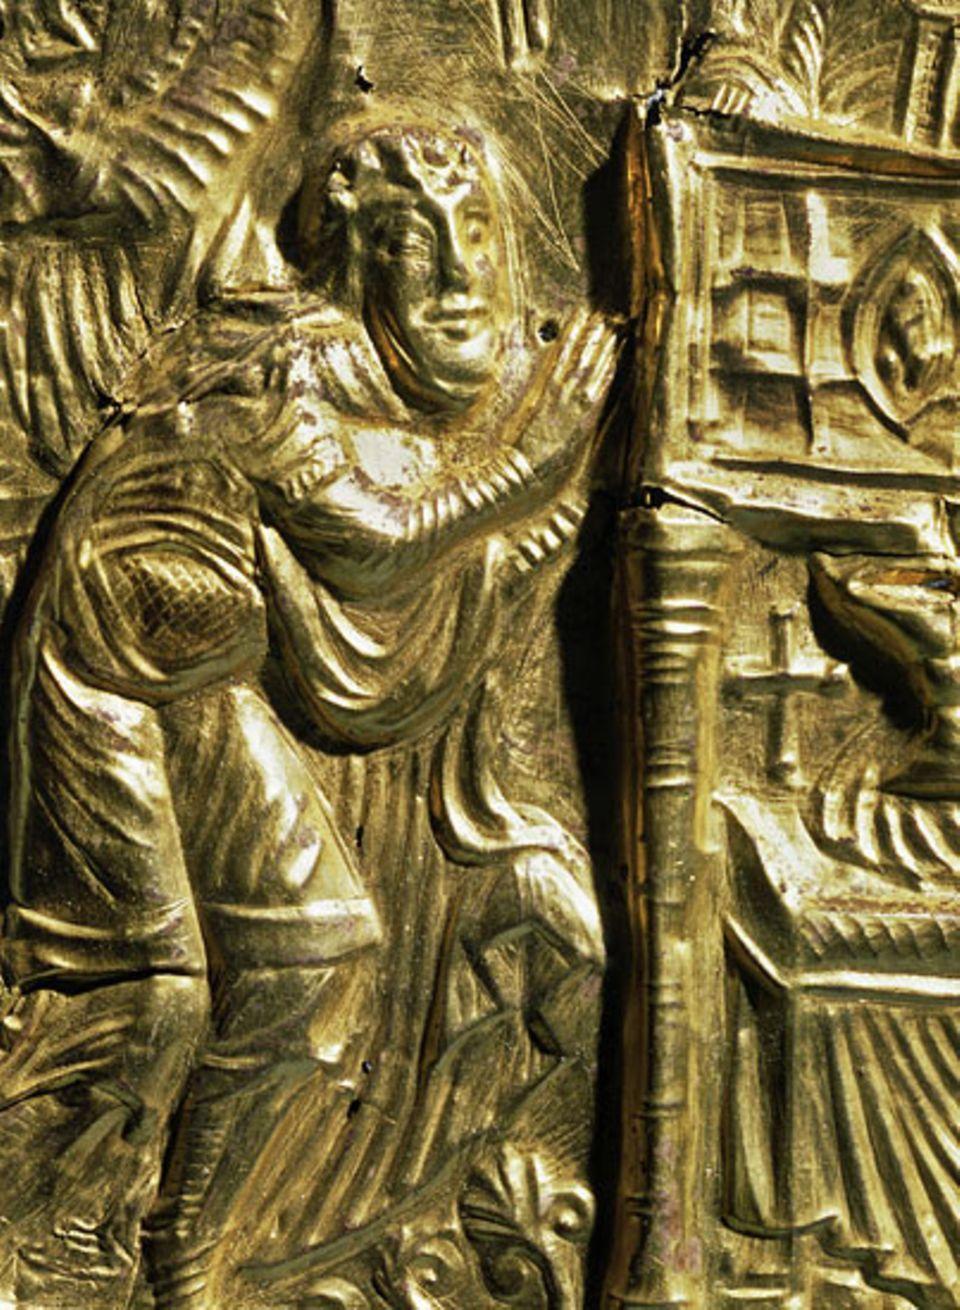 Das Relief aus dem 10. Jahrhundert zeigt König Harald - bekannt als Harald Blauzahn (911-987)